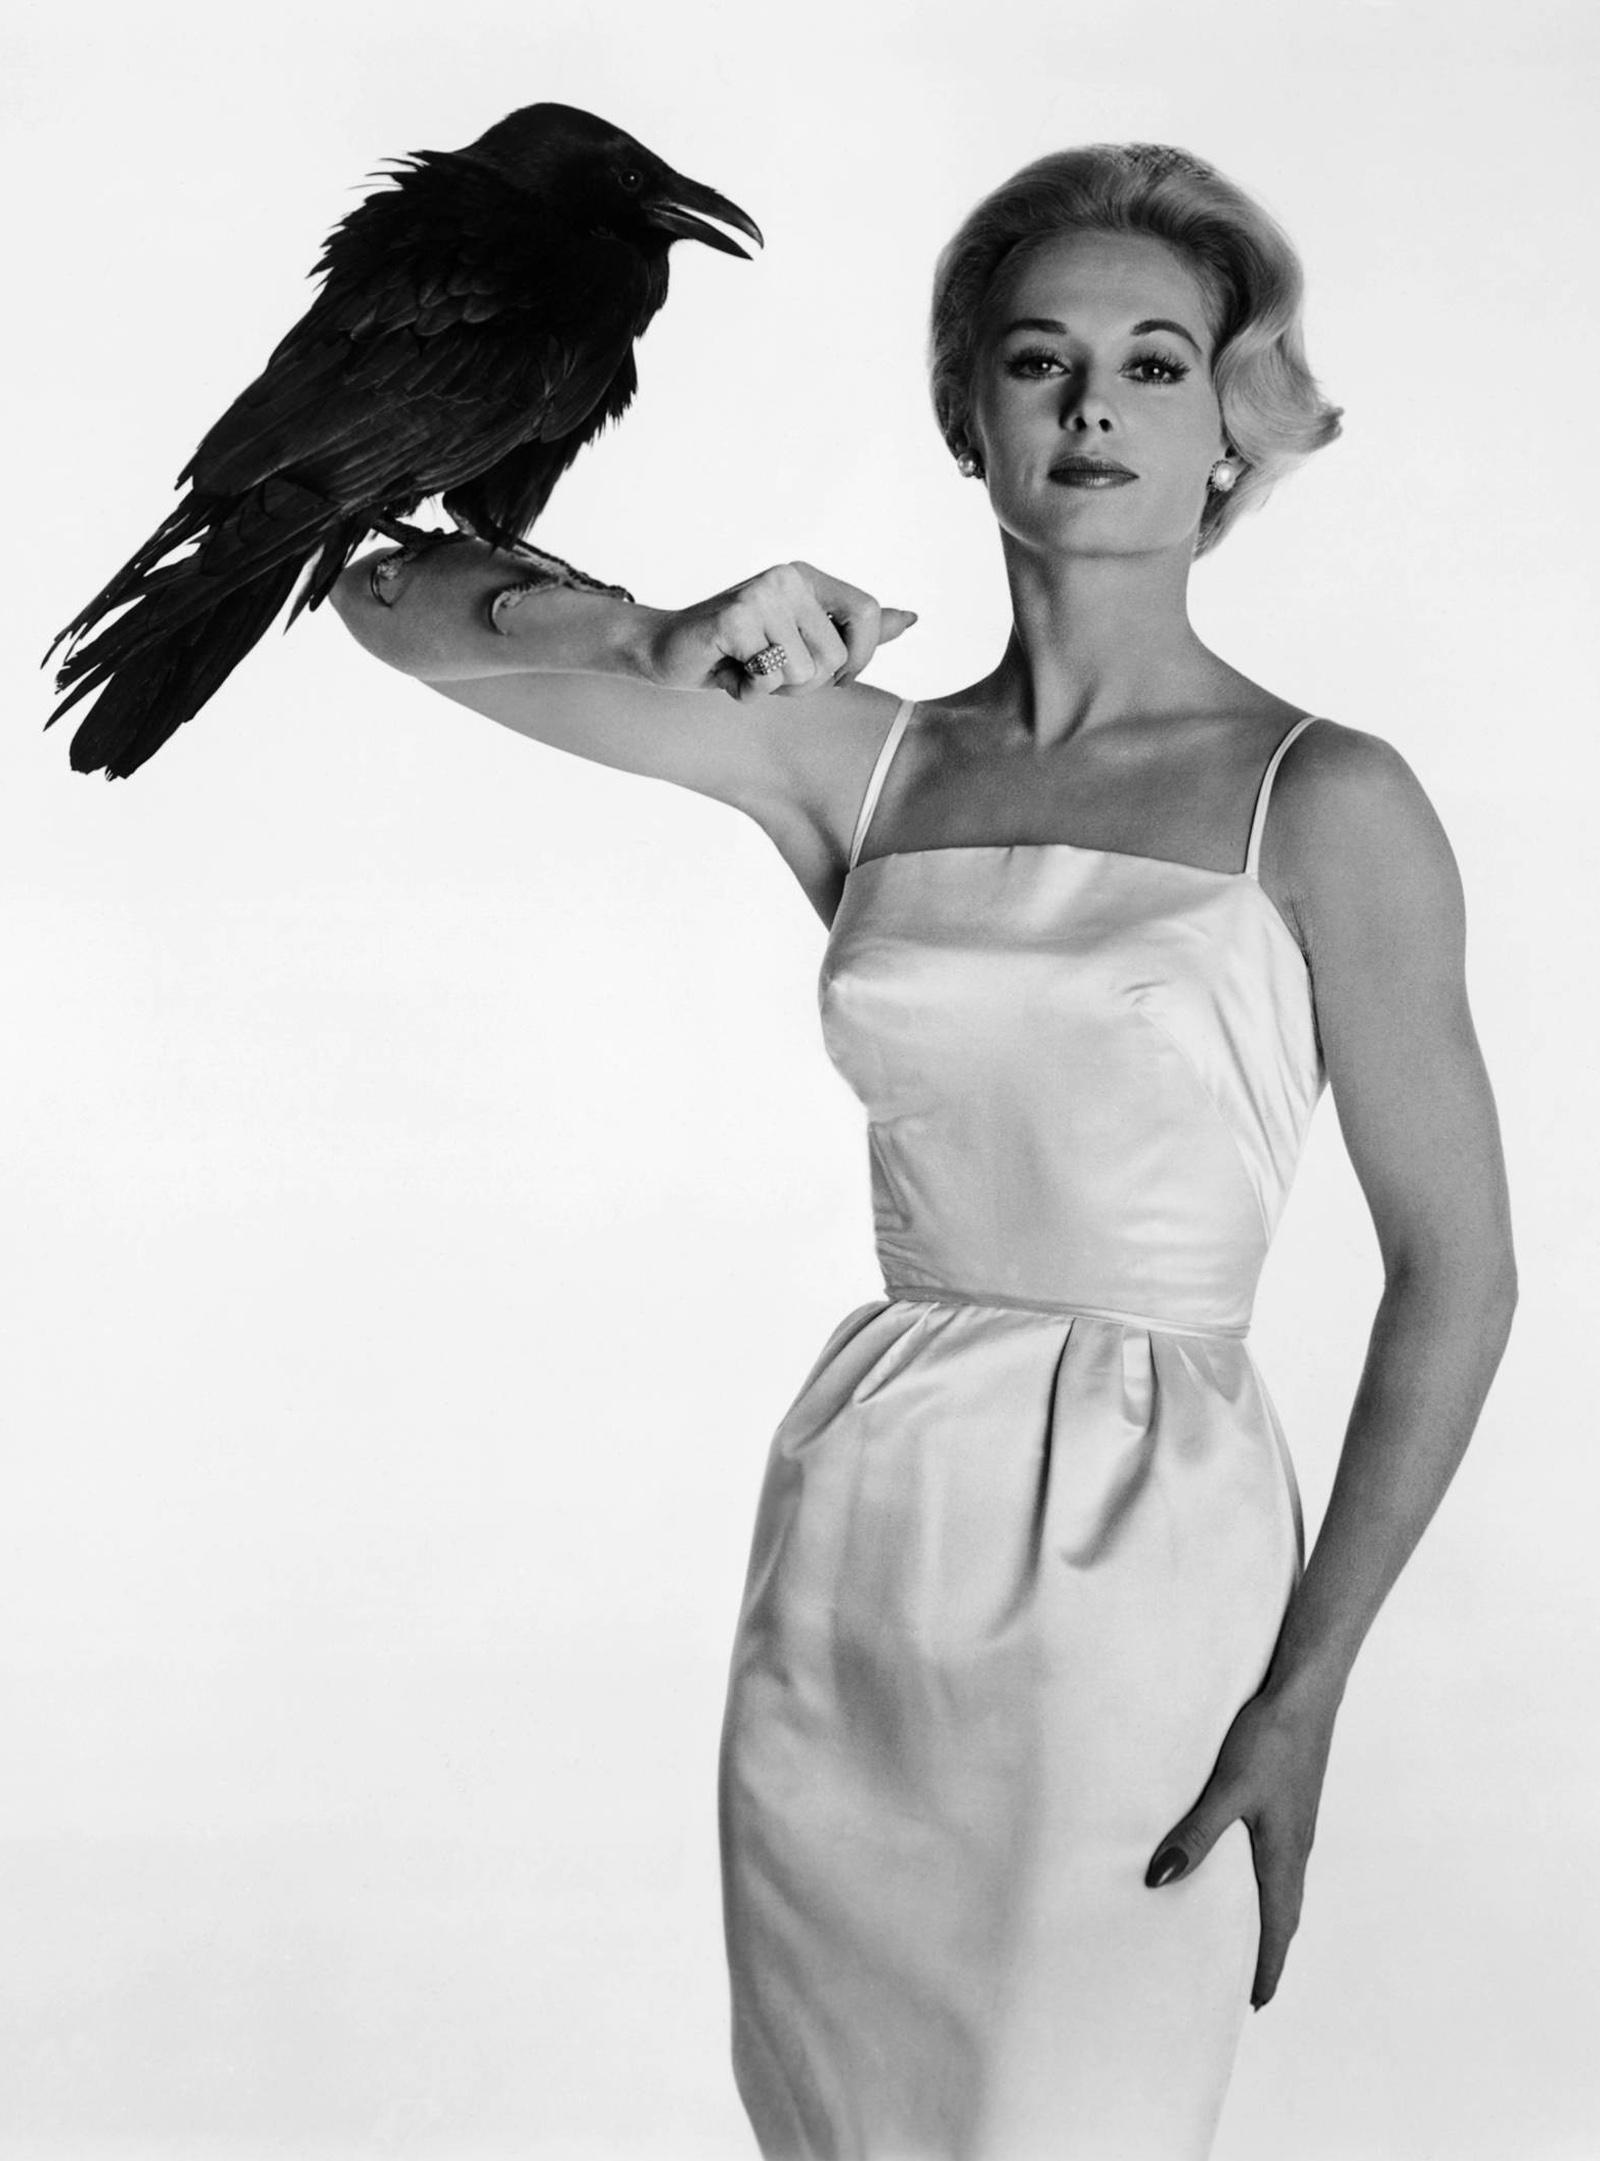 tippihedrenbirds_large